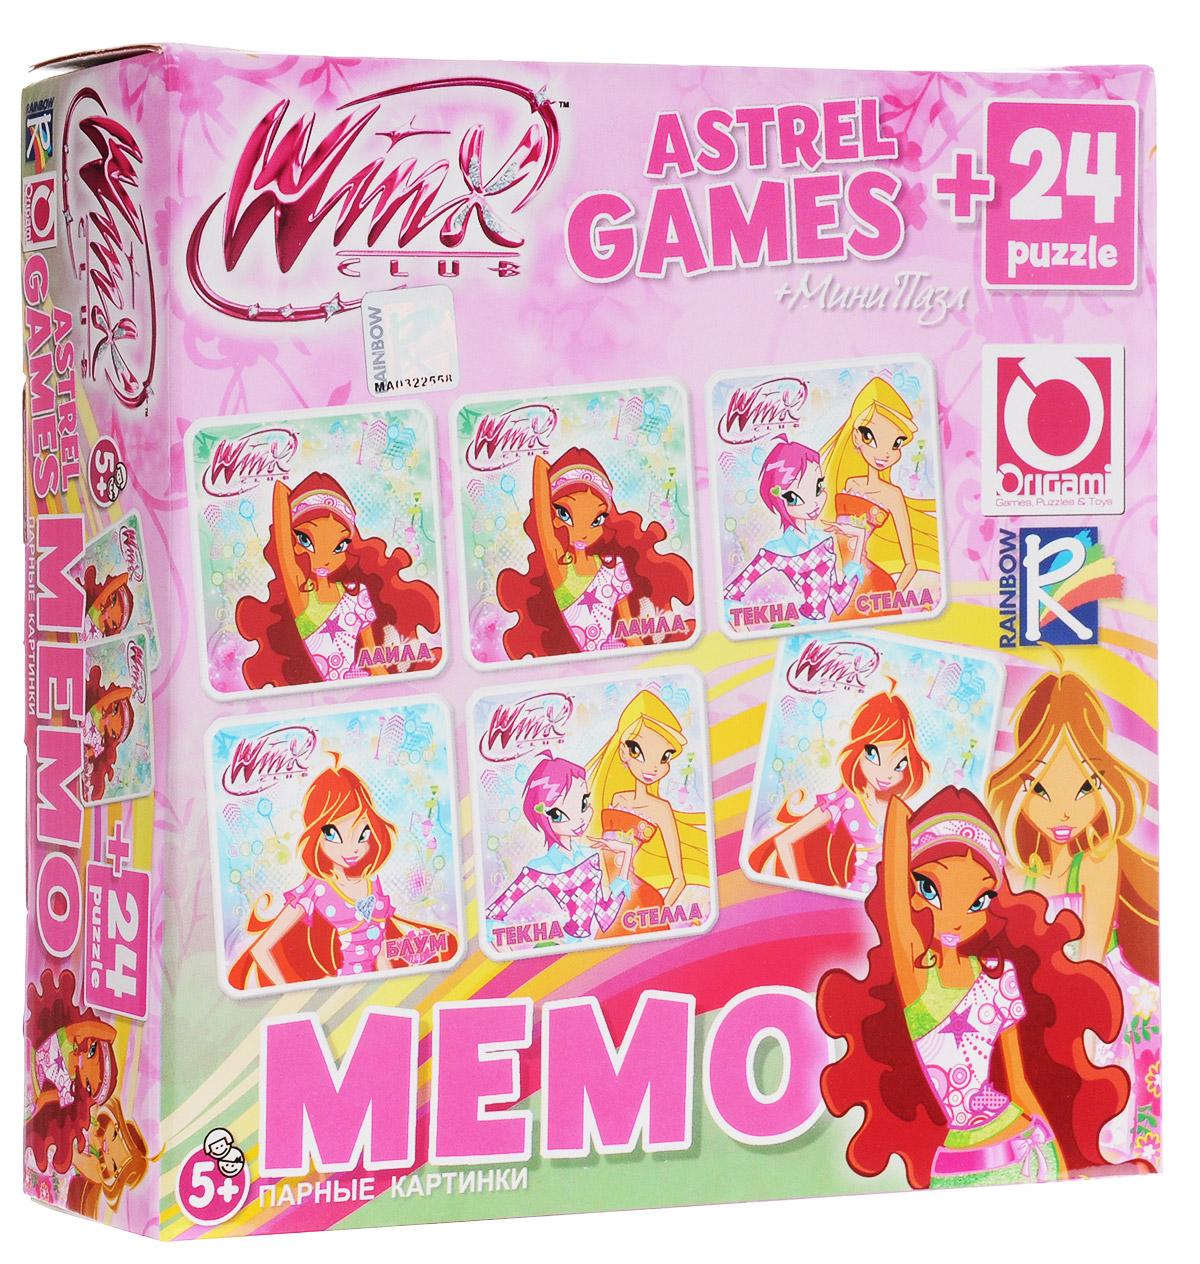 Оригами Настольная игра Мемо Winx + пазл